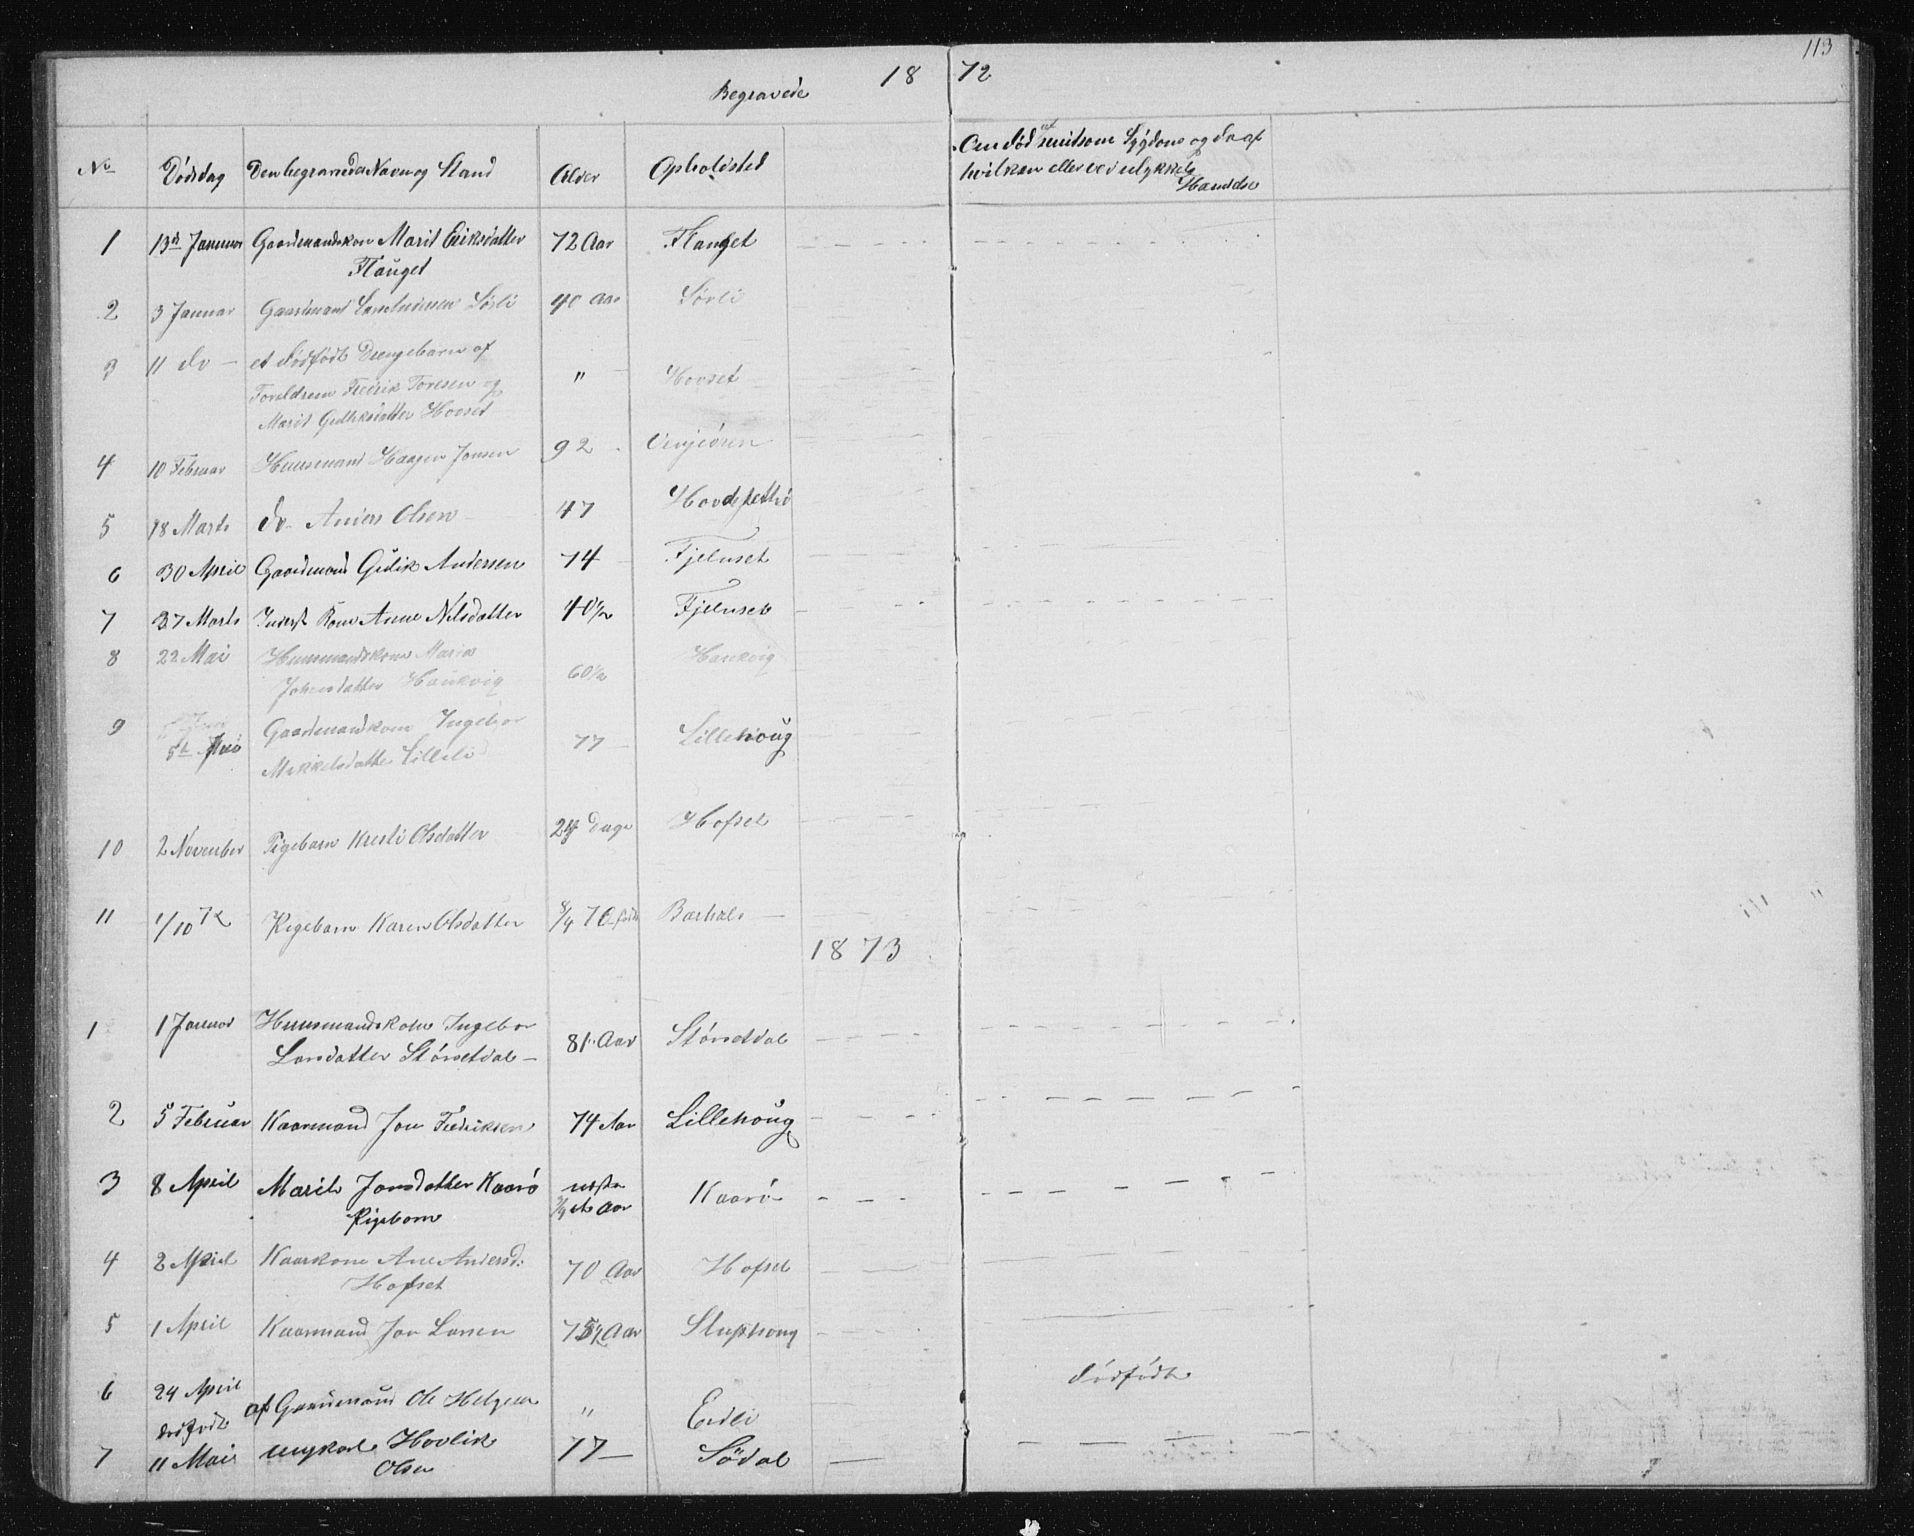 SAT, Ministerialprotokoller, klokkerbøker og fødselsregistre - Sør-Trøndelag, 631/L0513: Klokkerbok nr. 631C01, 1869-1879, s. 113